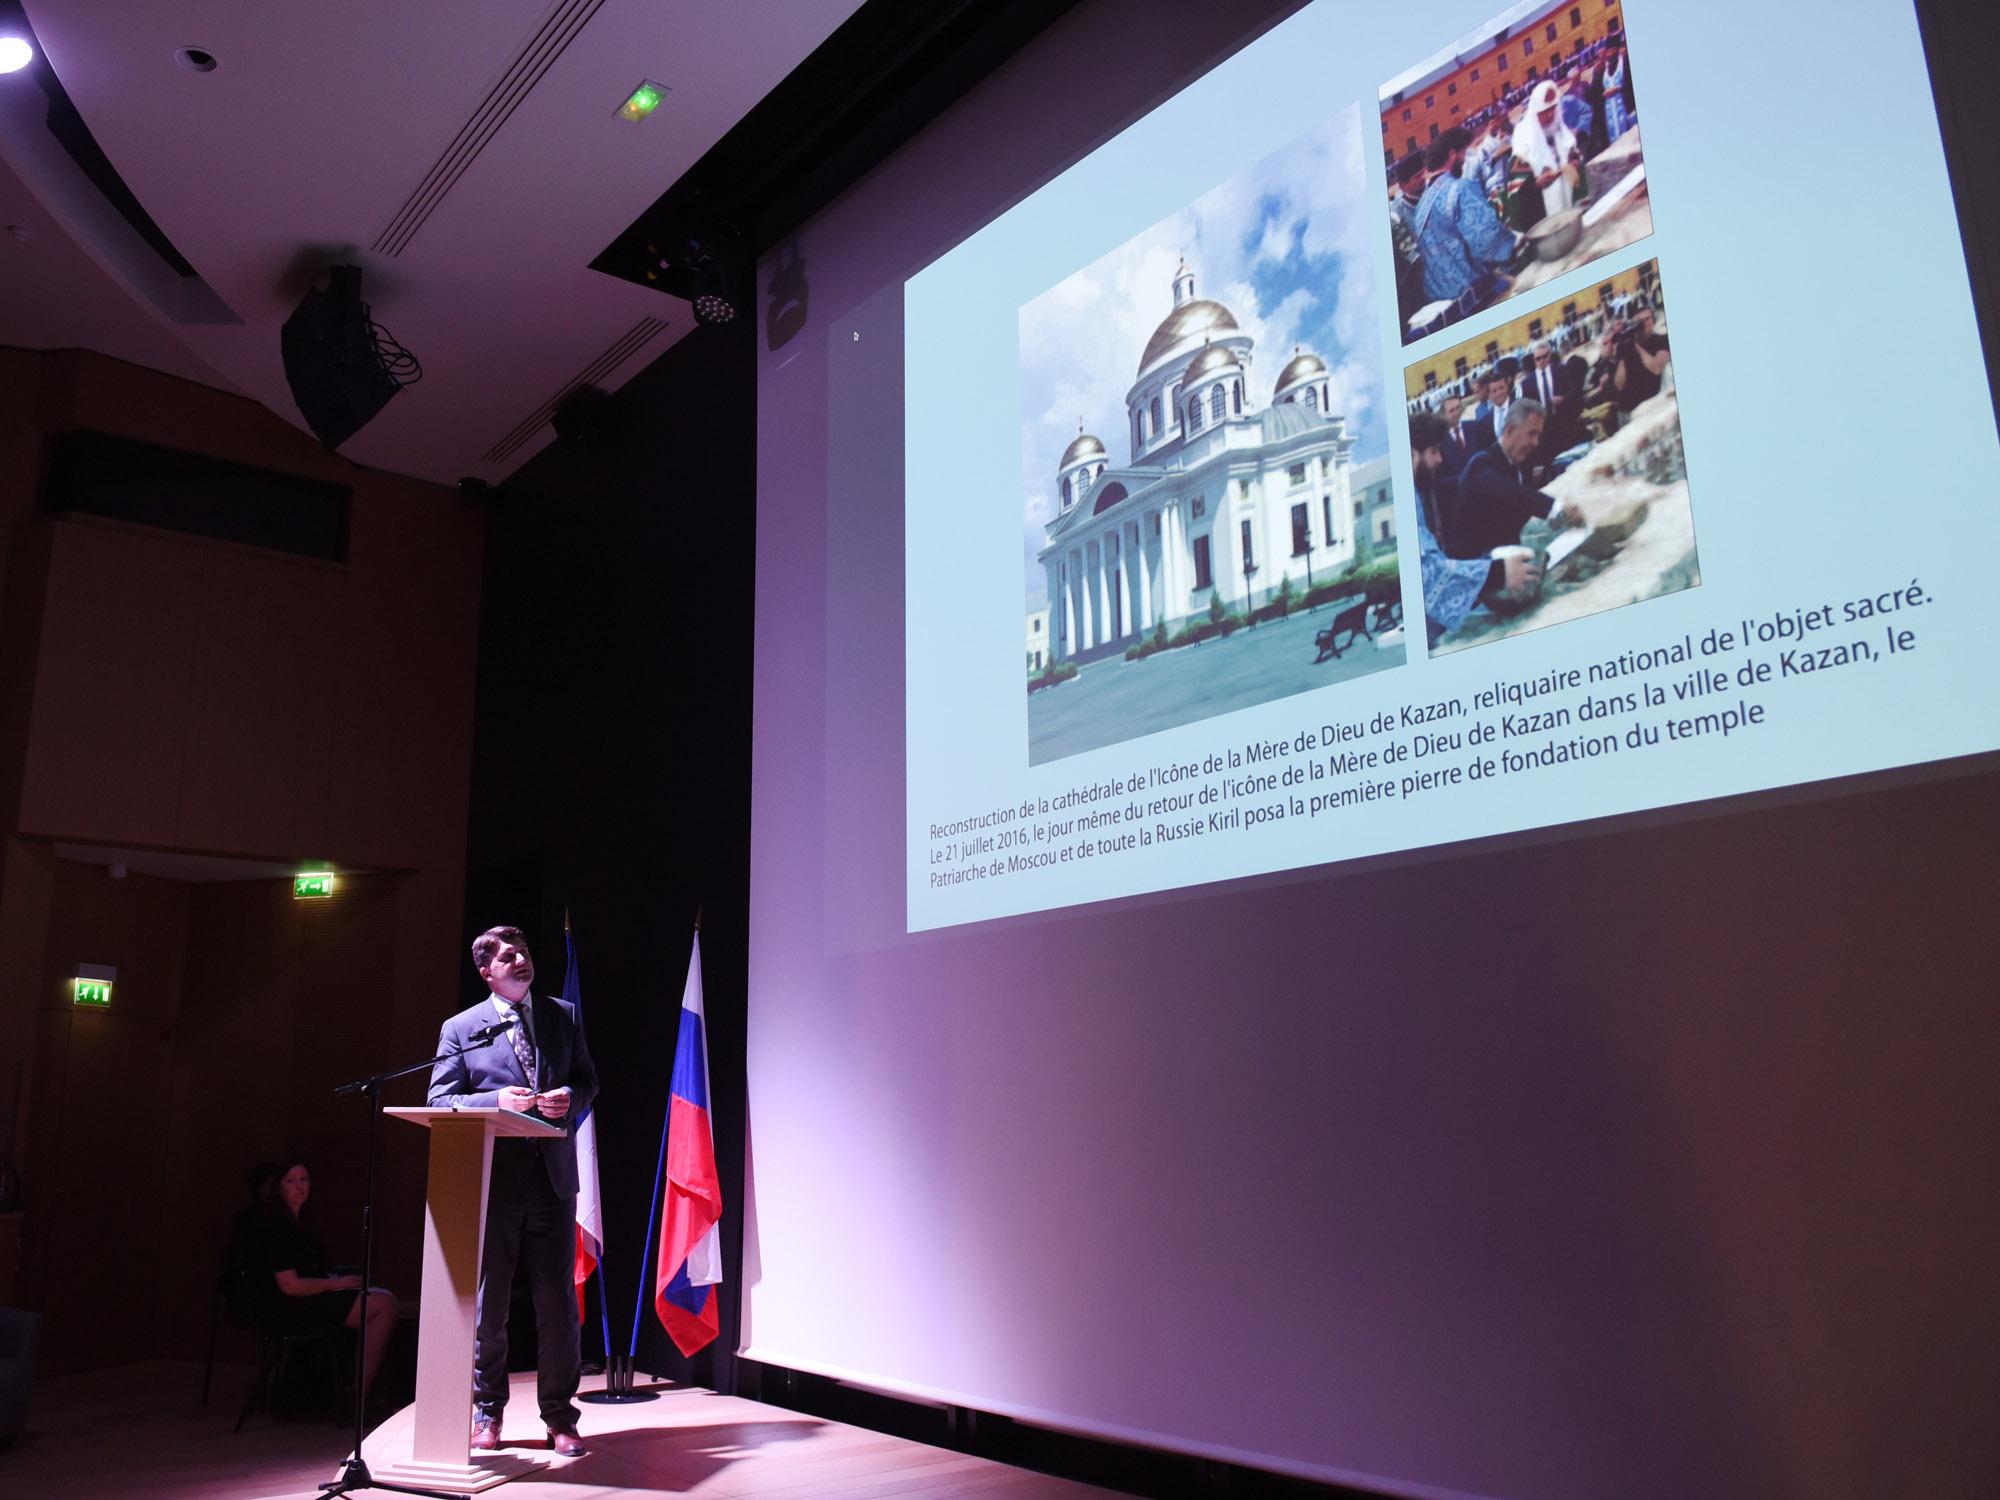 Туристический потенциал Казани представили в Париже